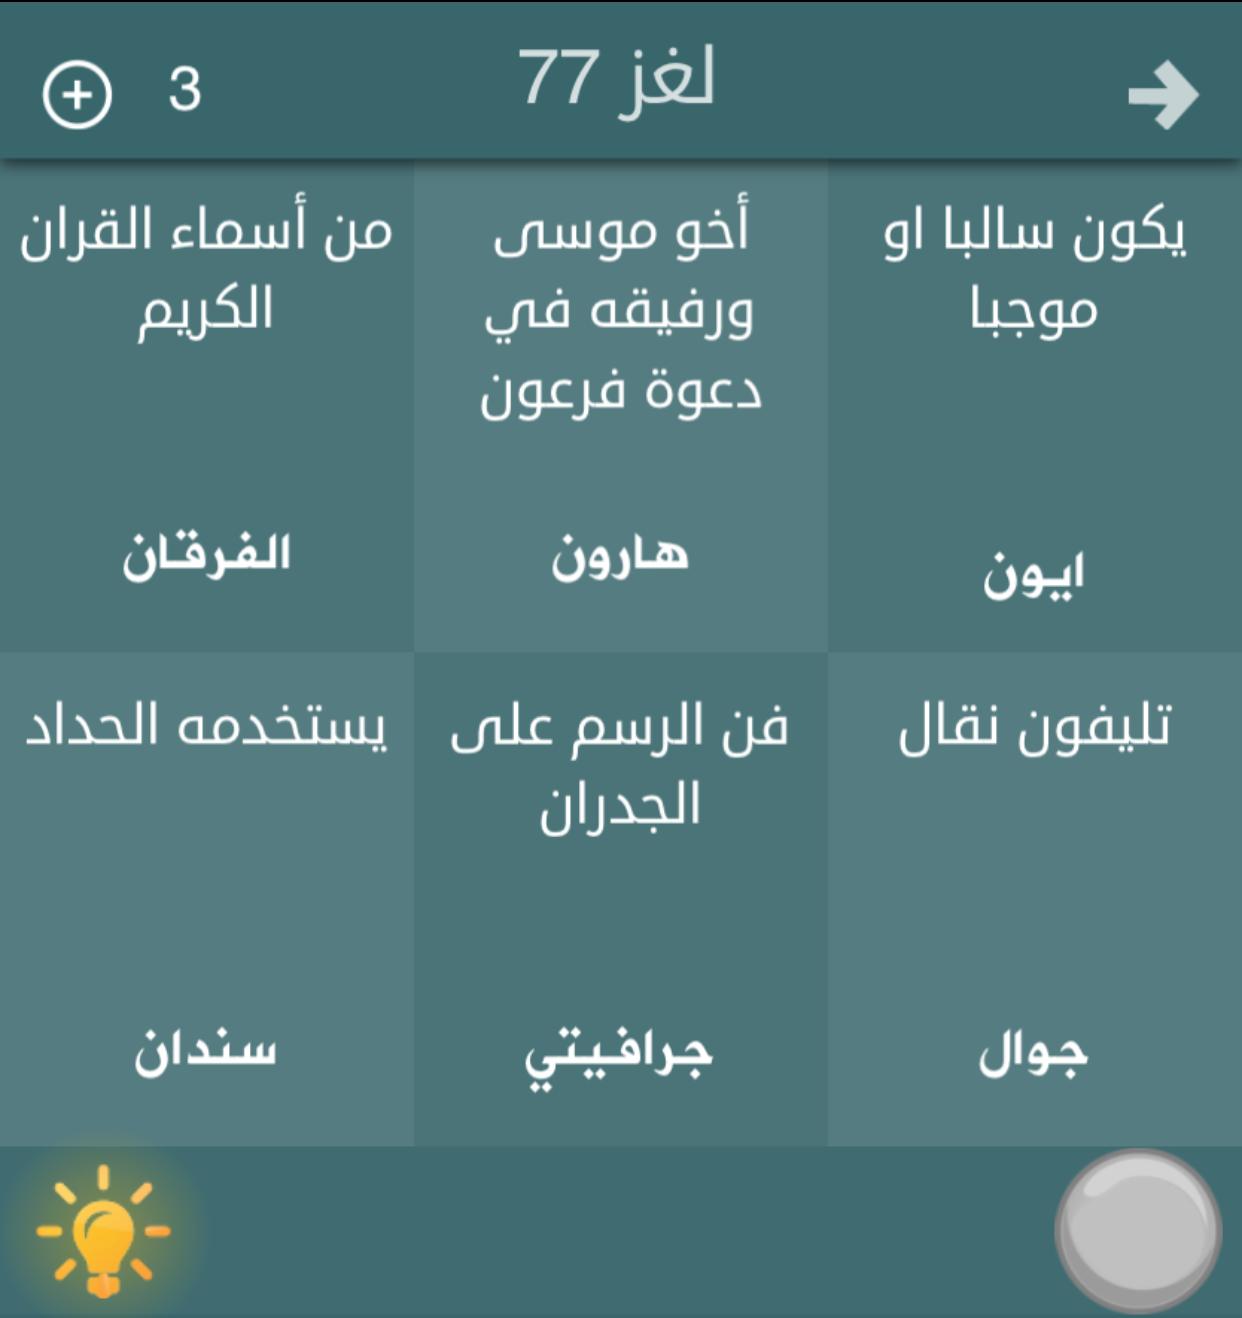 هل تعلم حل الغاز لعبة فطحل العرب المجموعة الرابعة من 61 الى 80